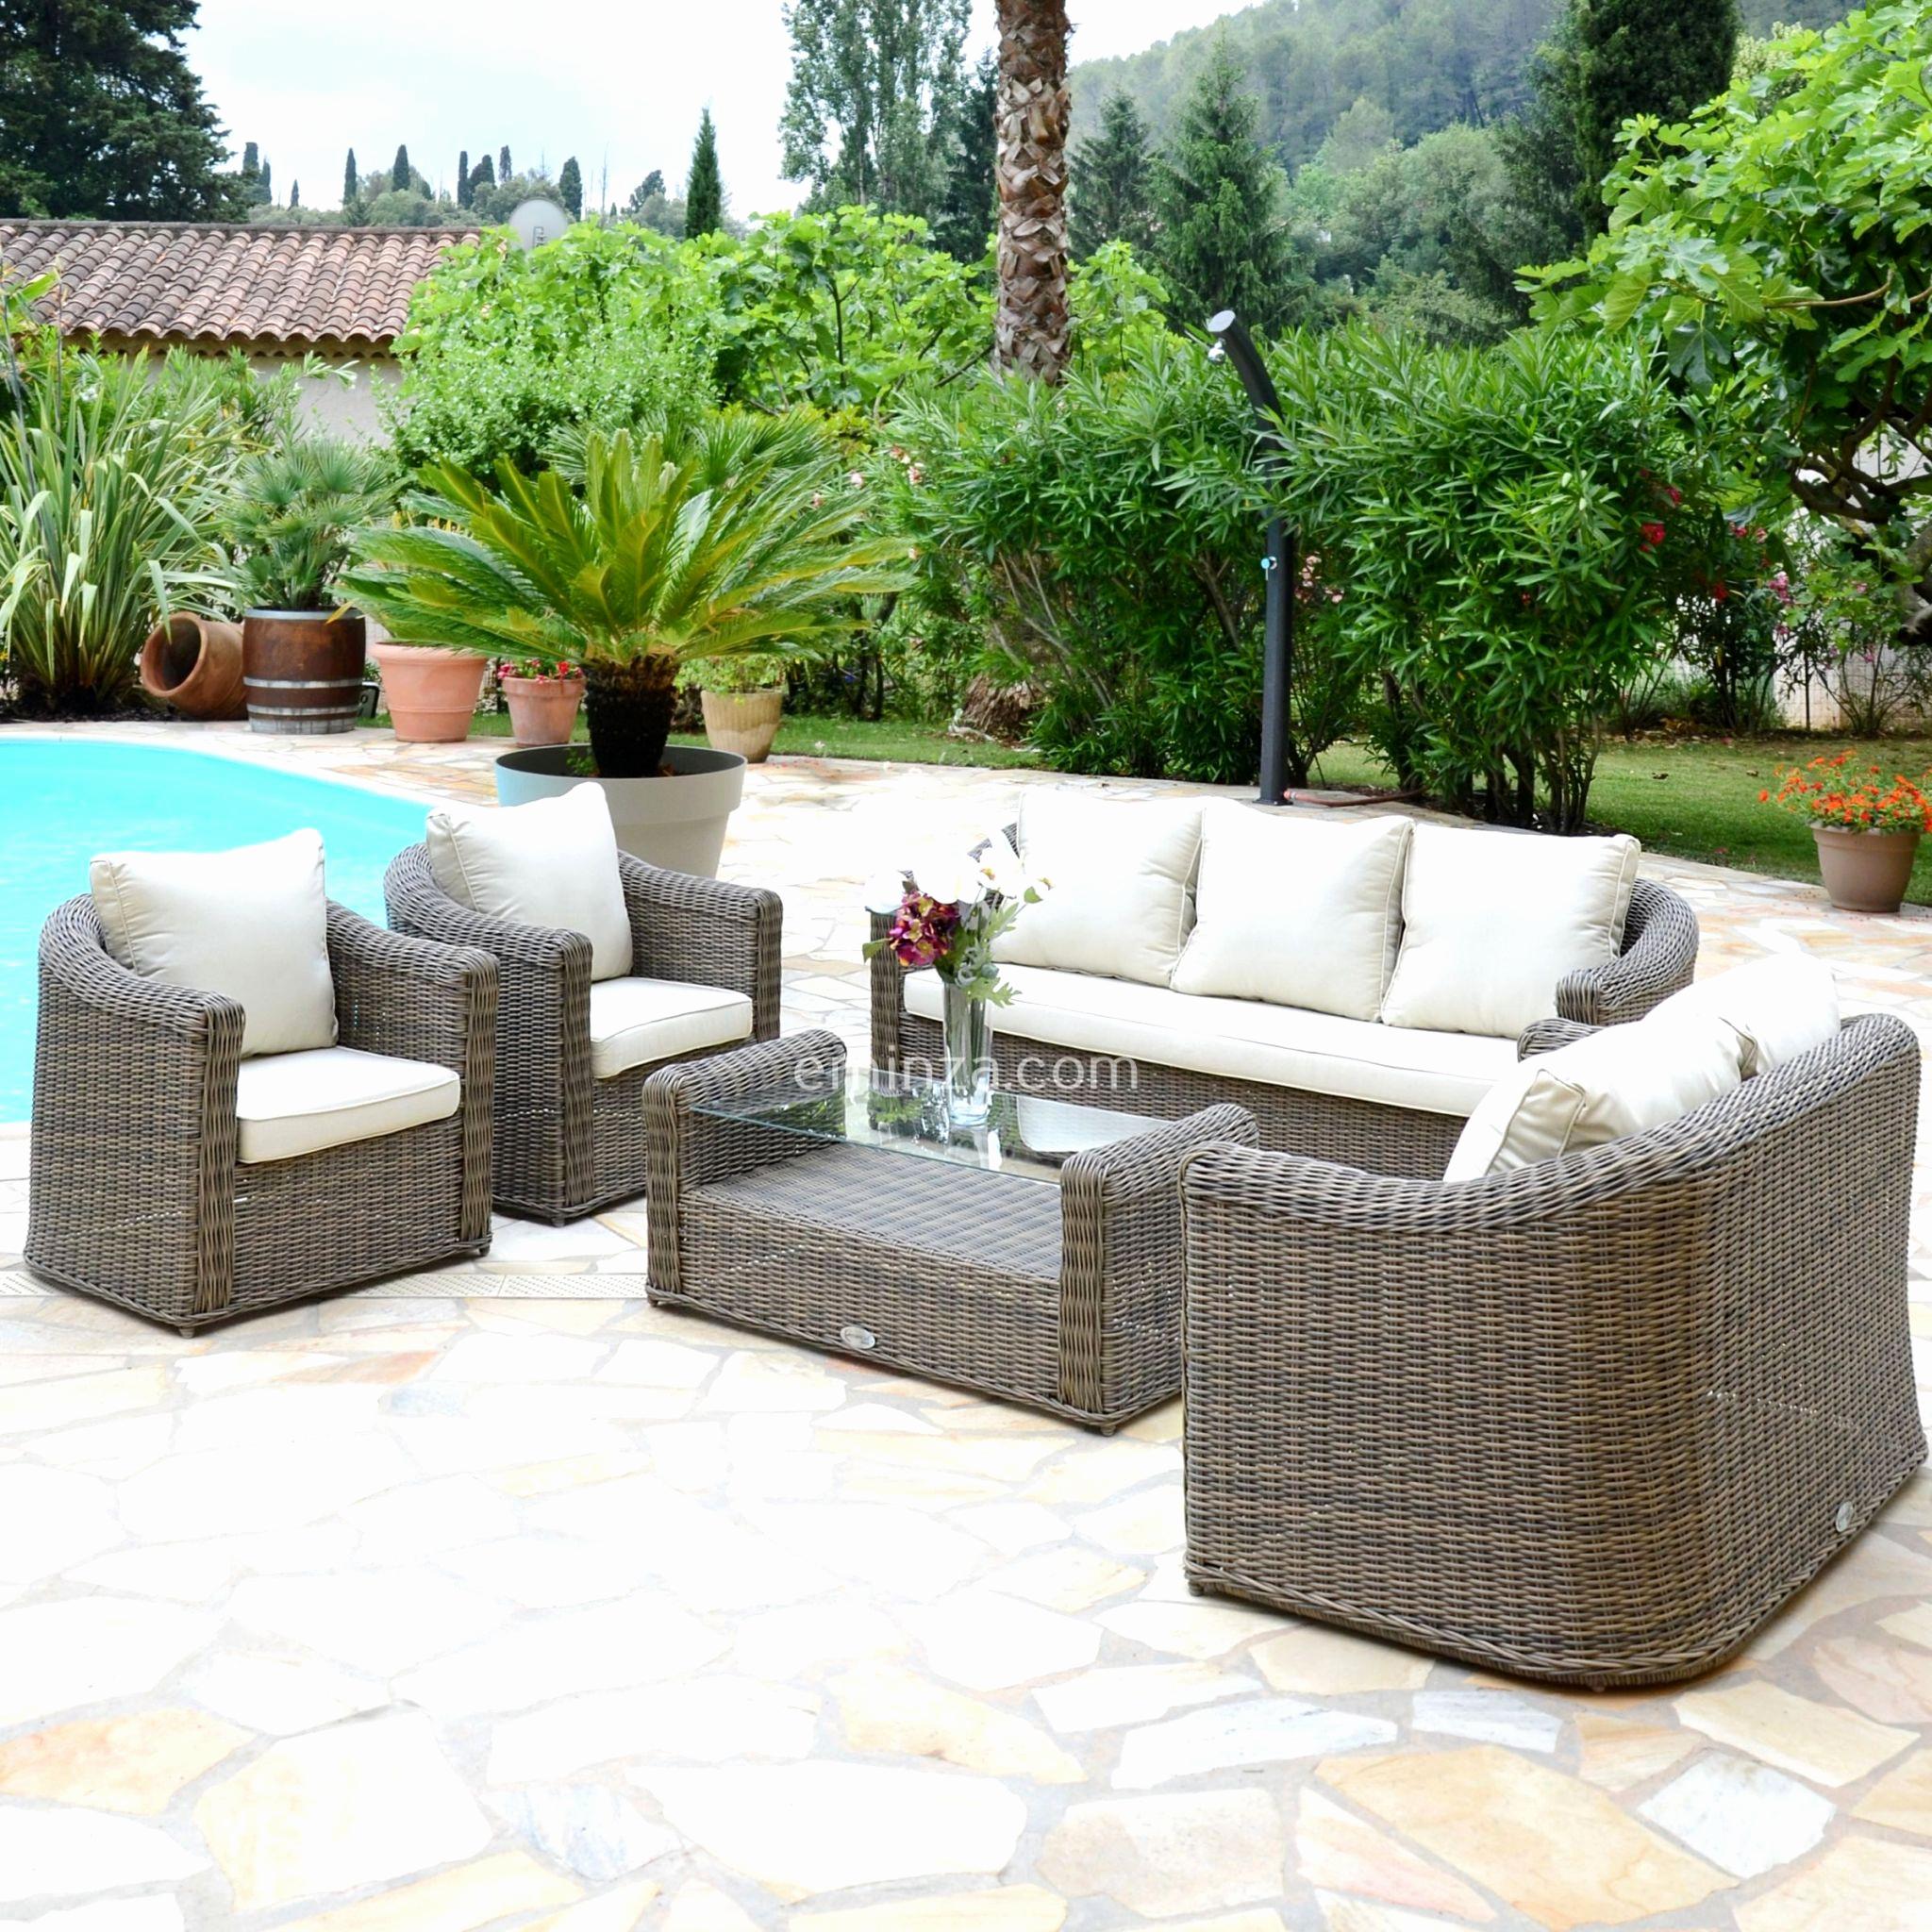 Solde Salon De Jardin Castorama Beau Meuble De Jardin ... concernant Solde Table De Jardin Castorama